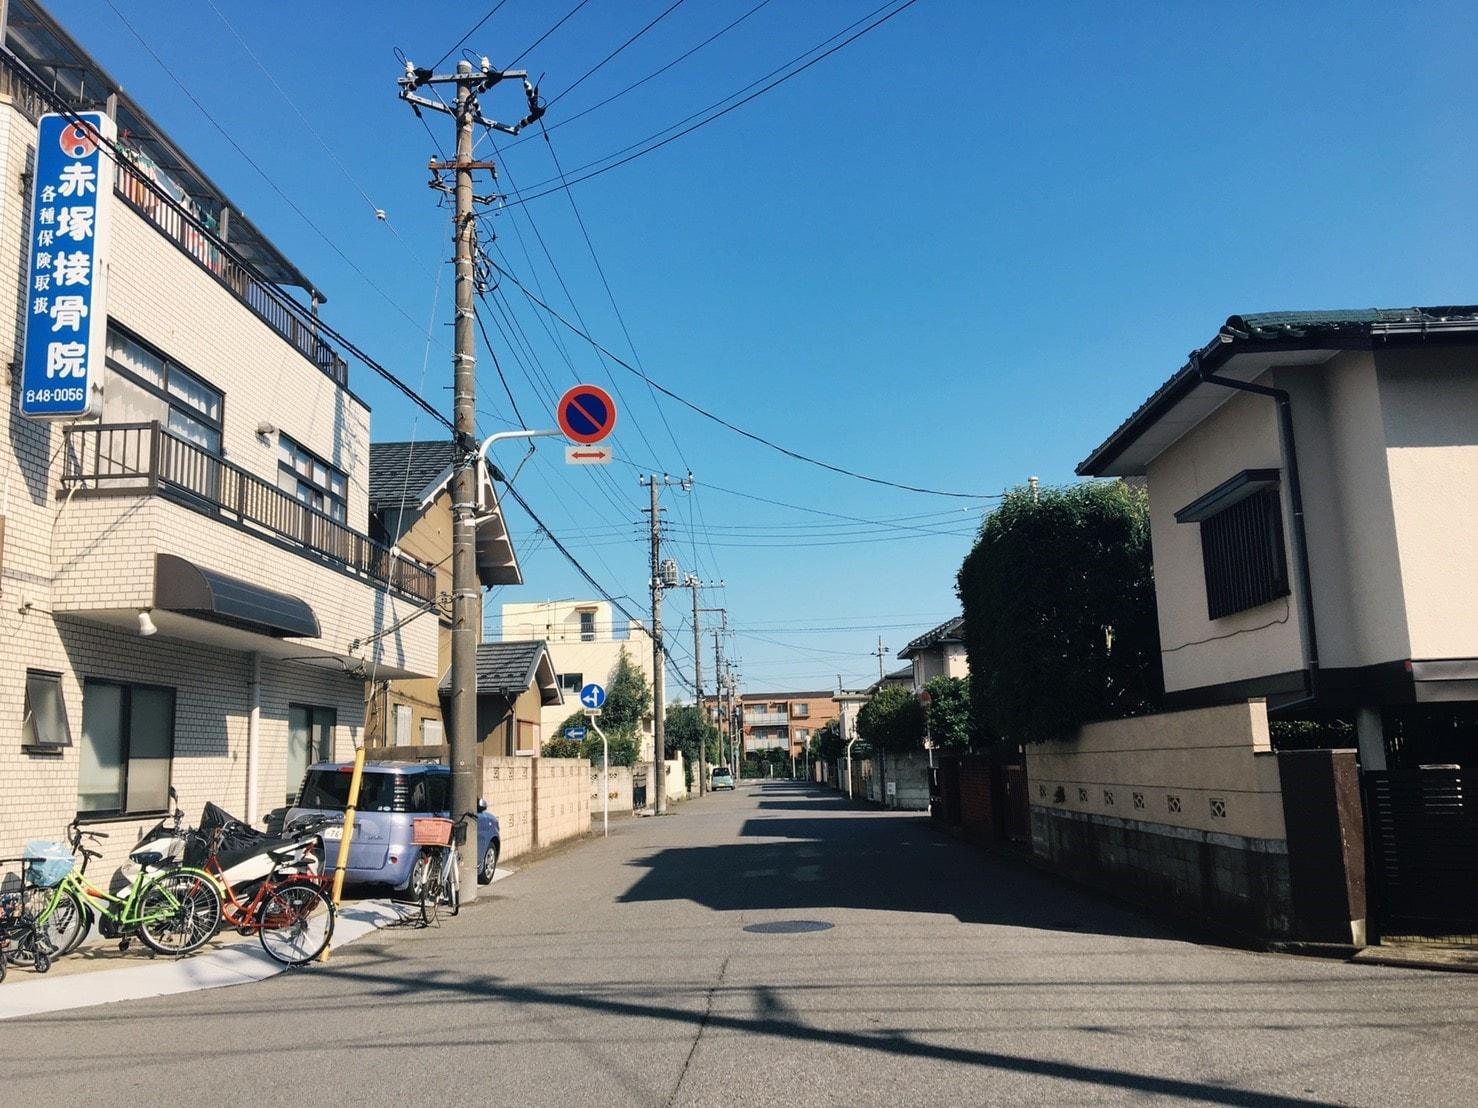 稲毛駅の西側の住宅街の様子